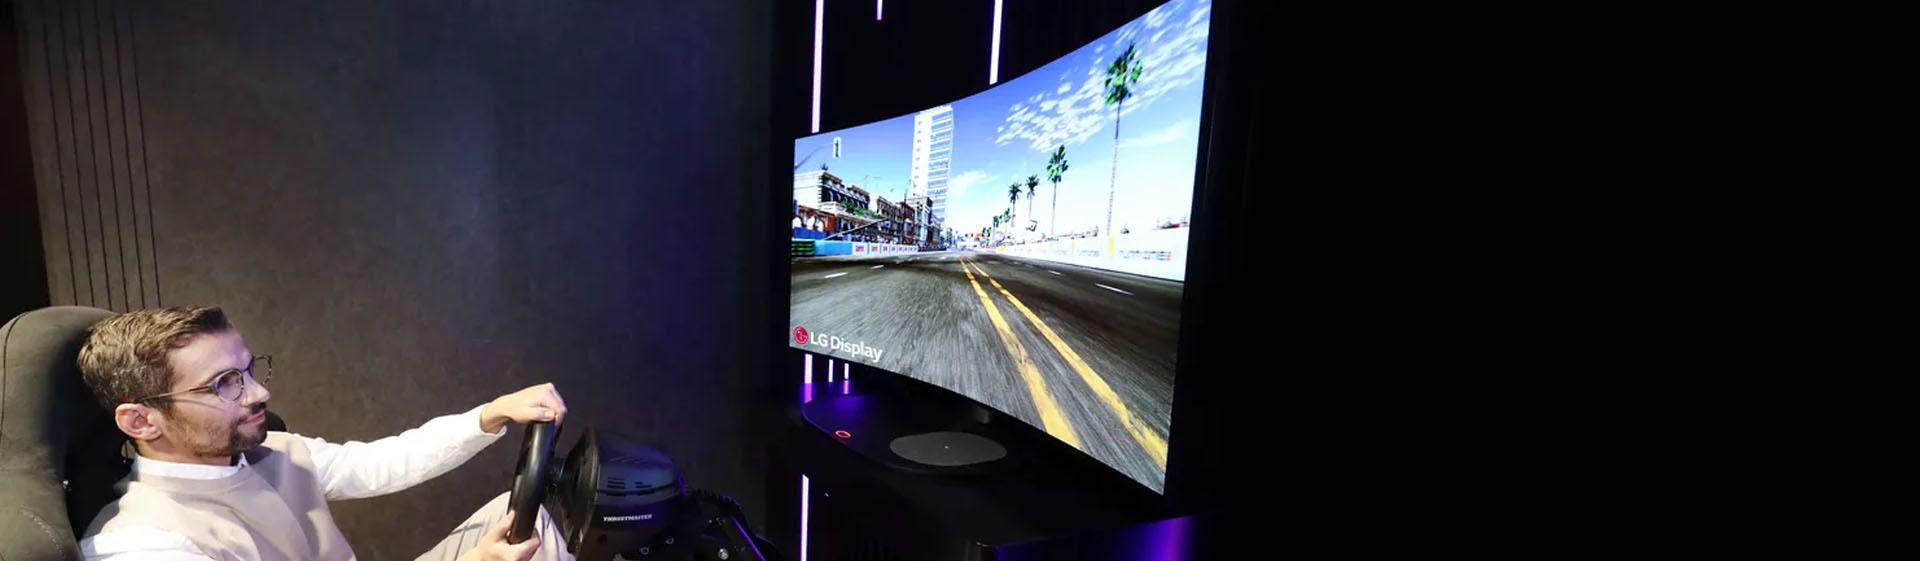 TV OLED LG que intercala tela plana com tela curva: lançamento da marca vai ser apresentado na CES 2021